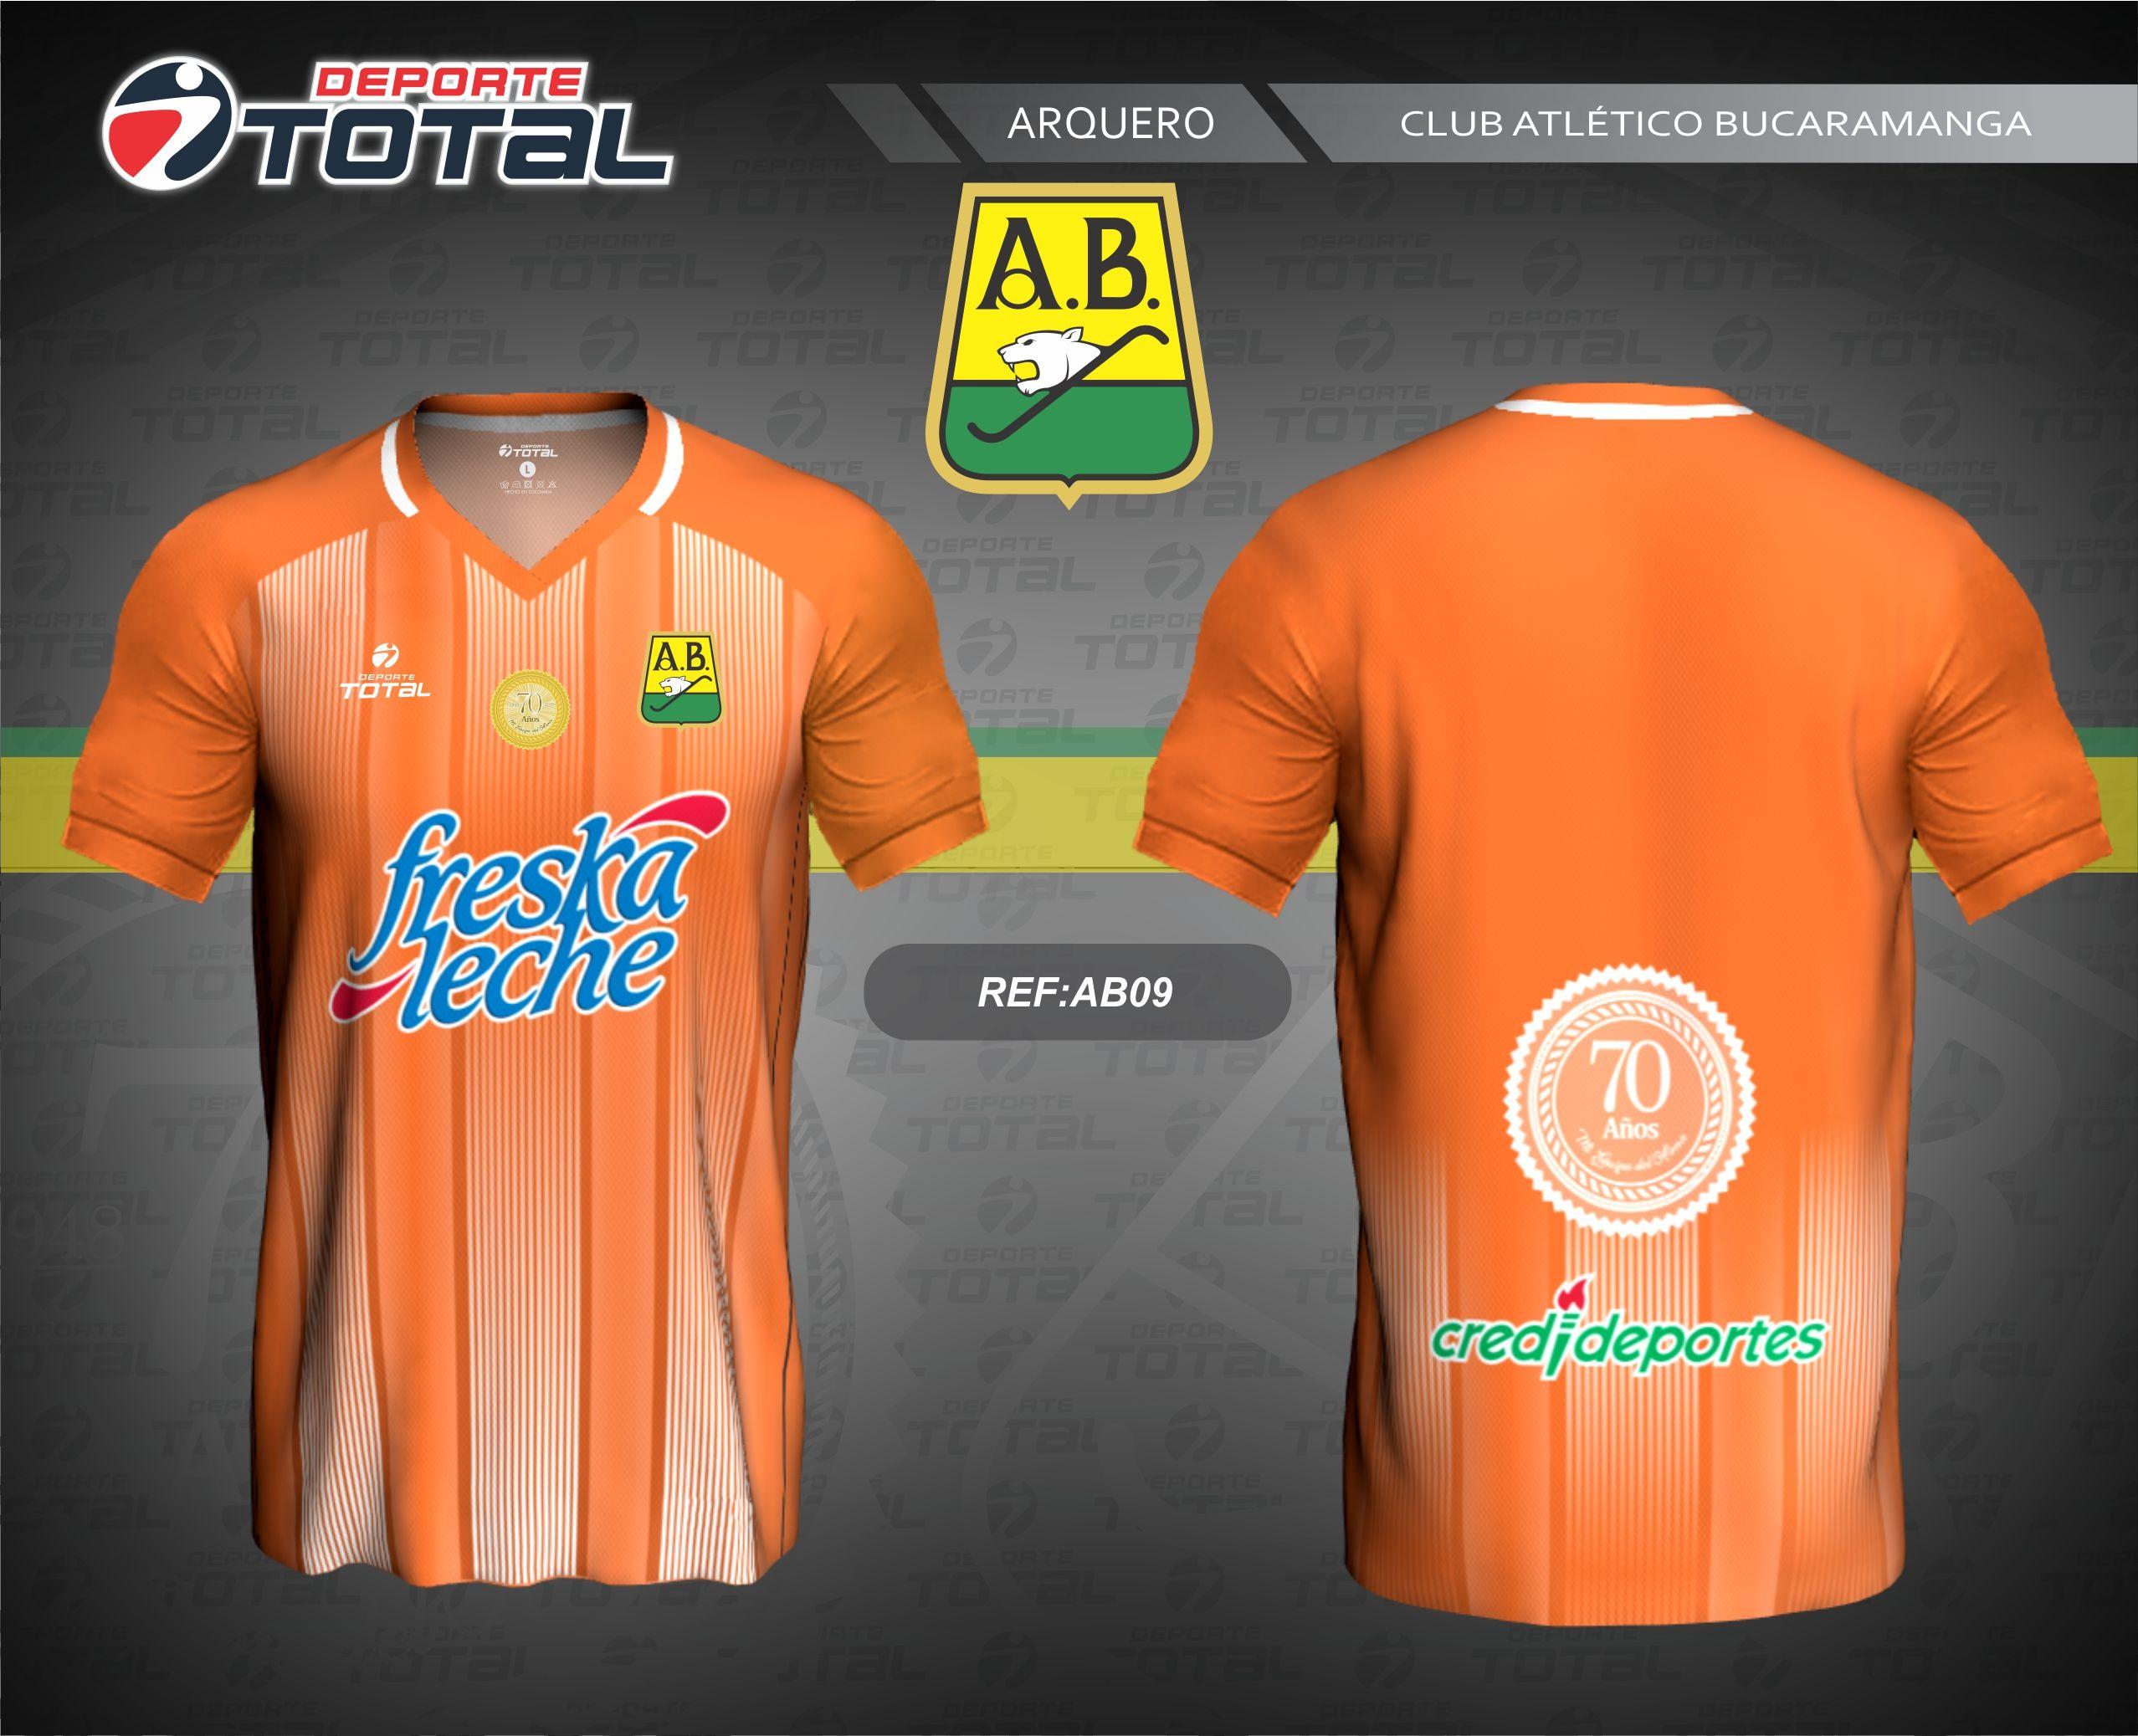 b53a2fa372 ... diseño elástico sublimada uniforme de voleibol ... nikoo 2014 de nuevo.  Camiseta de Arquero - deporte total-atletico bucaramanga- 2018 .